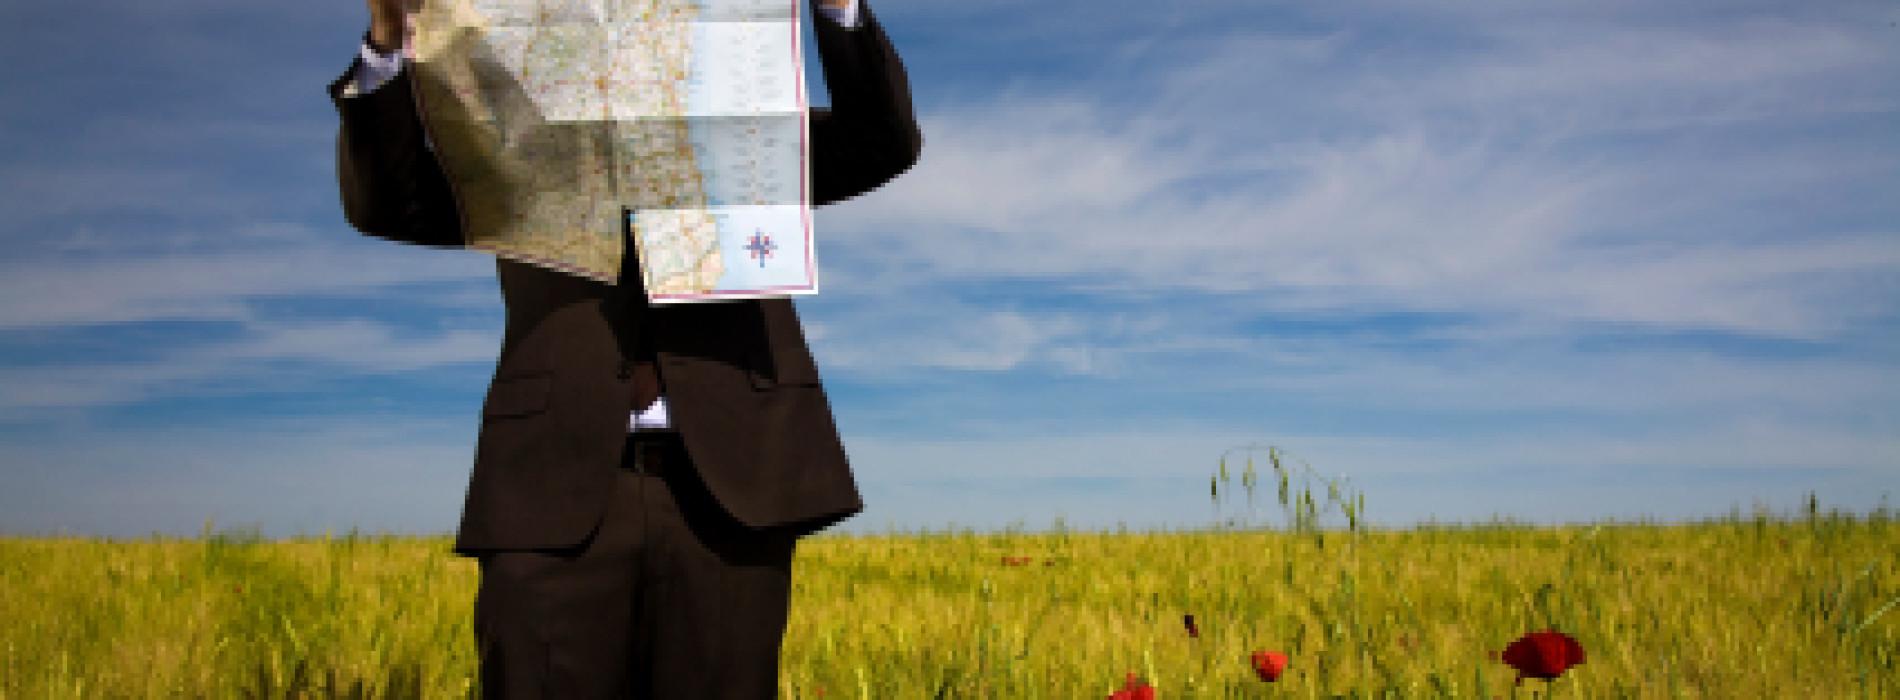 Dlaczego warto założyć agencję turystyczną?